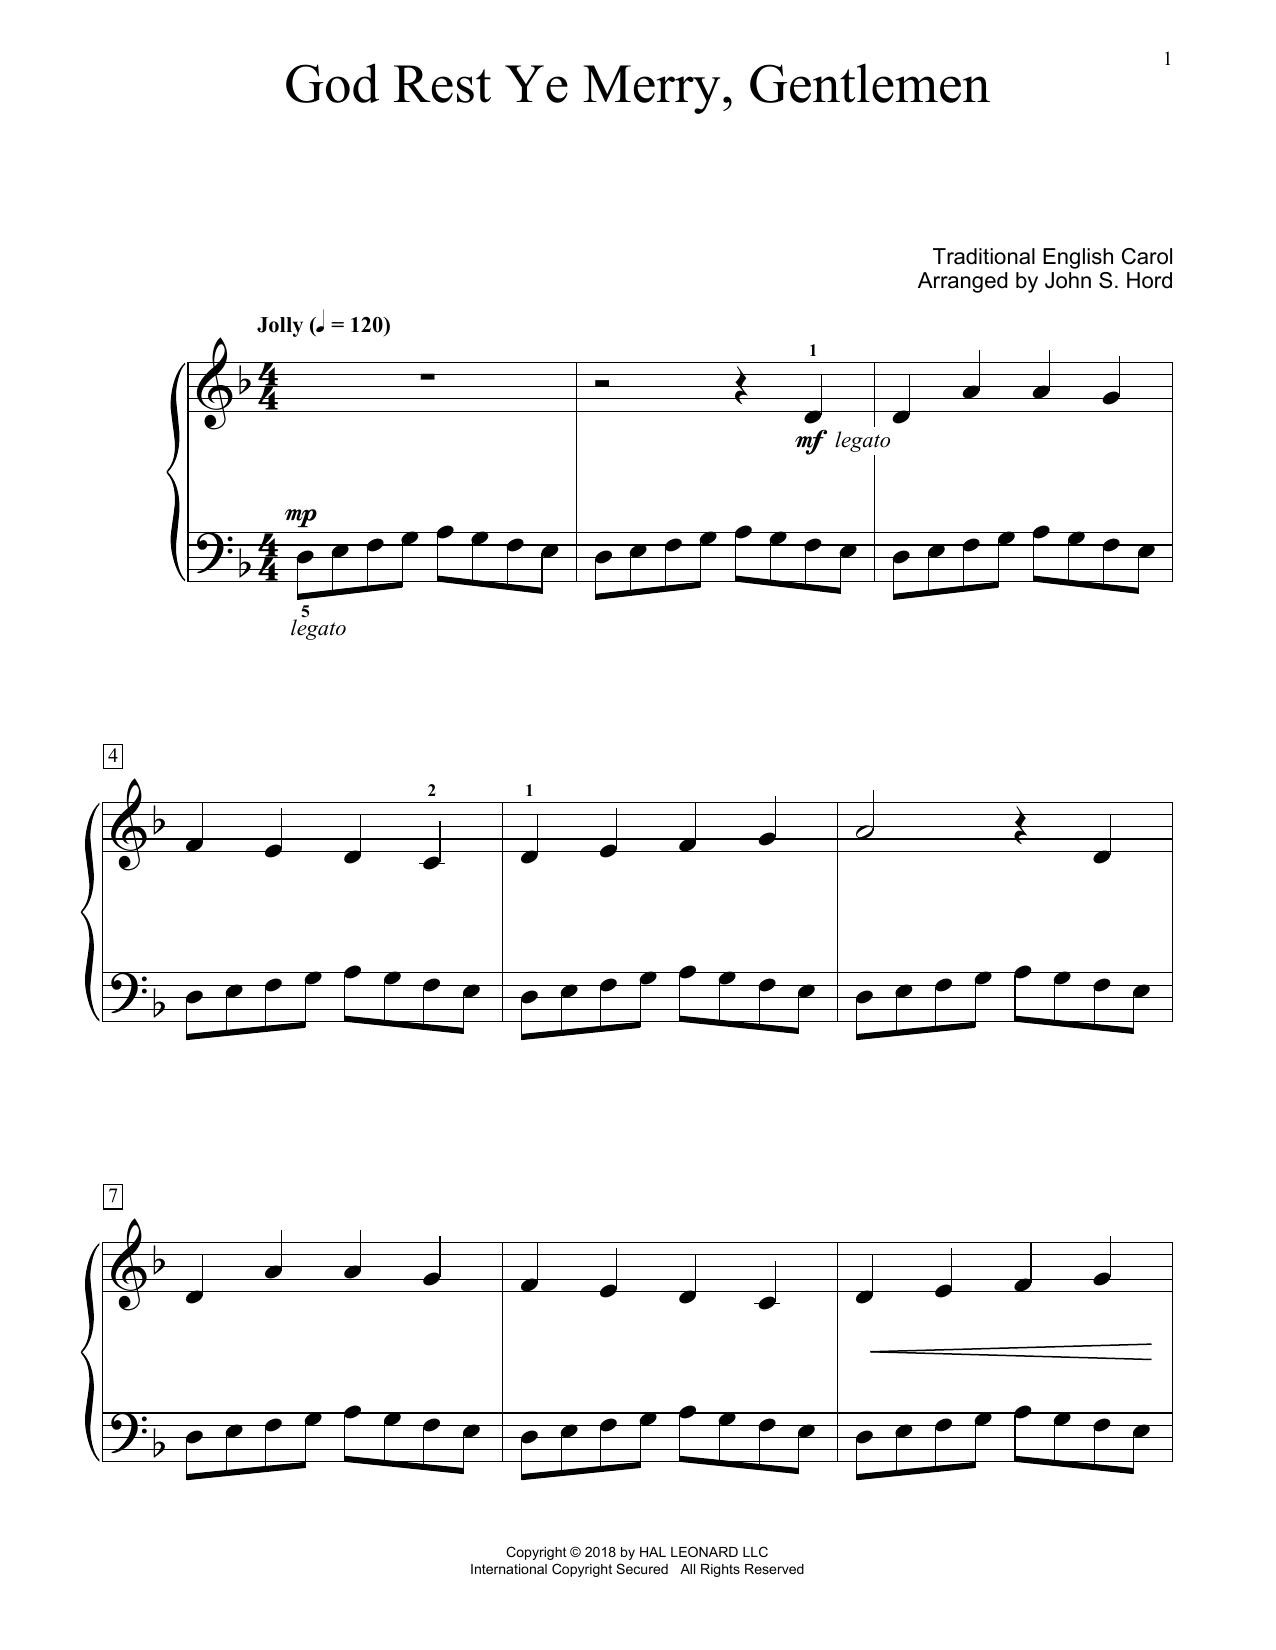 God Rest Ye Merry, Gentlemen (arr. John S. Hord) (Educational Piano)